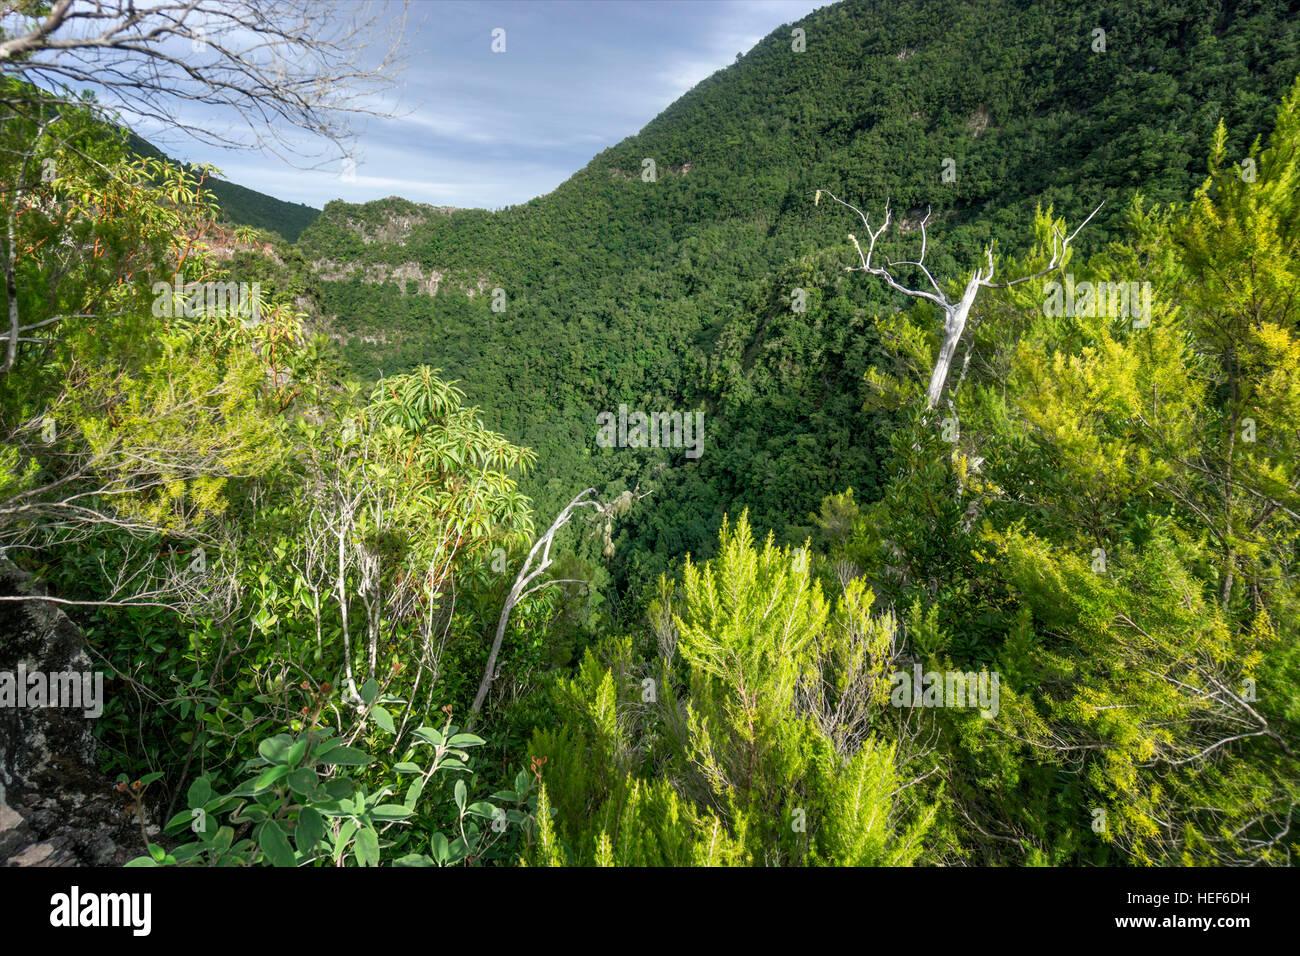 Viewpoint, Laurel forest, Los Tilos Biosphere Reserve, La Palma, Canary Islands, Spain - Stock Image